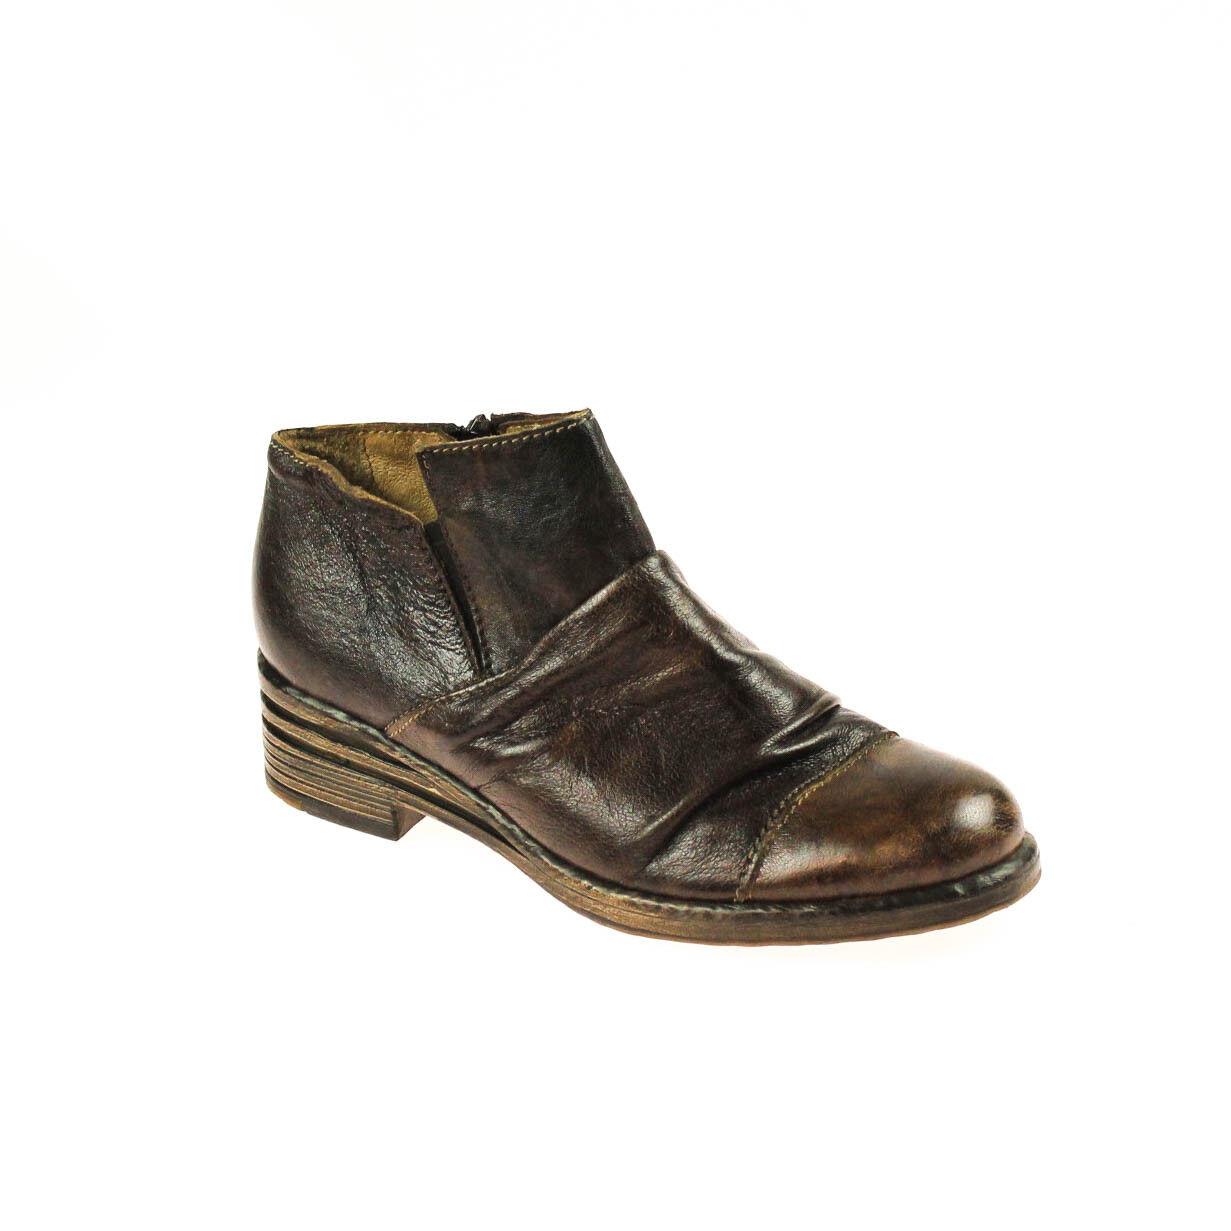 a buon mercato Fascino DONNA DONNA DONNA mezza scarpa Marroneee pelle Marronee scuro Multicolore  molto popolare